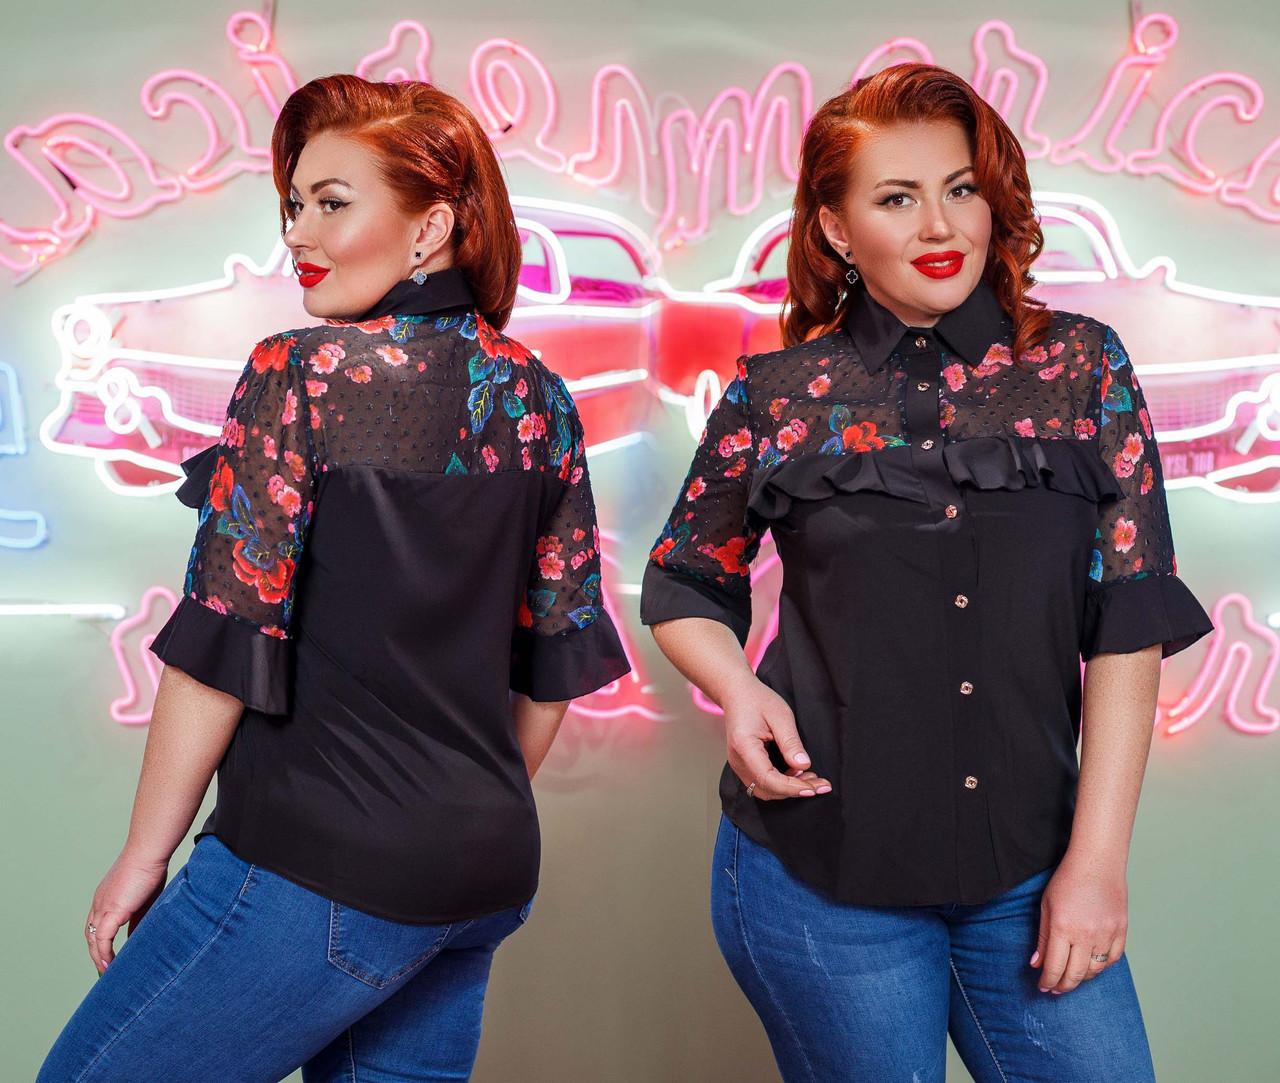 """Стильна ошатна жіноча блузка у великих розмірах """"Софт Кокетка, Рукави Шифон Квіти"""" (DG-ак 0393)"""